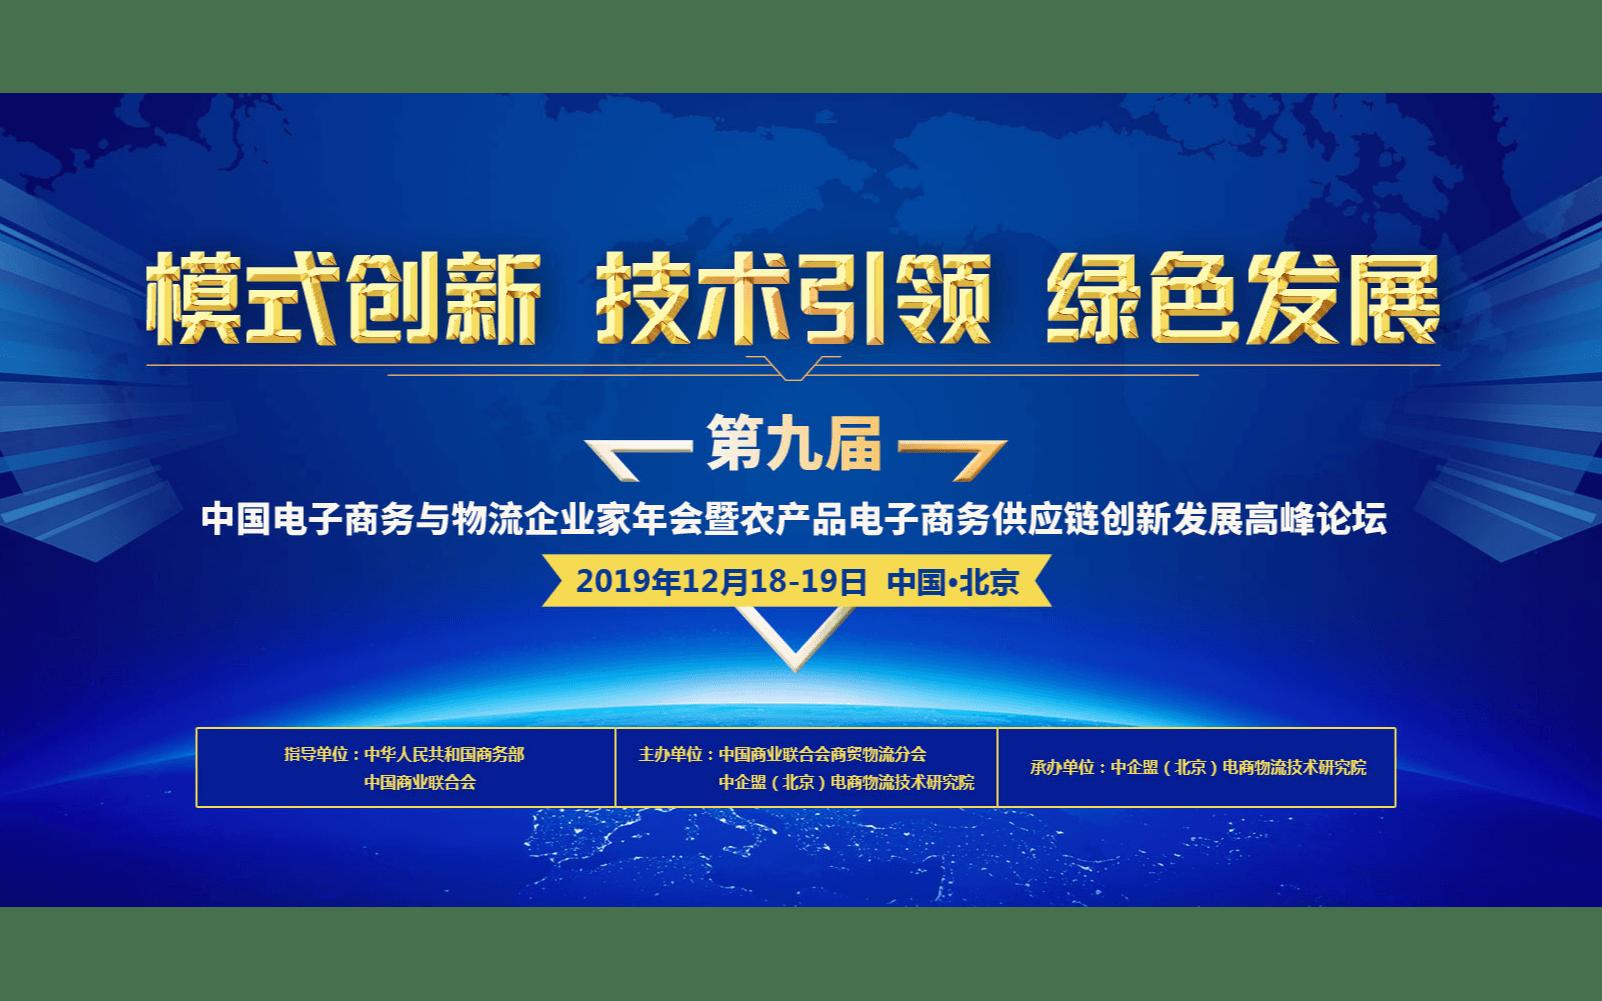 2019第九届中国电子商务与物流企业家年会暨农产品电子商务供应链创新发展高峰论坛(北京)